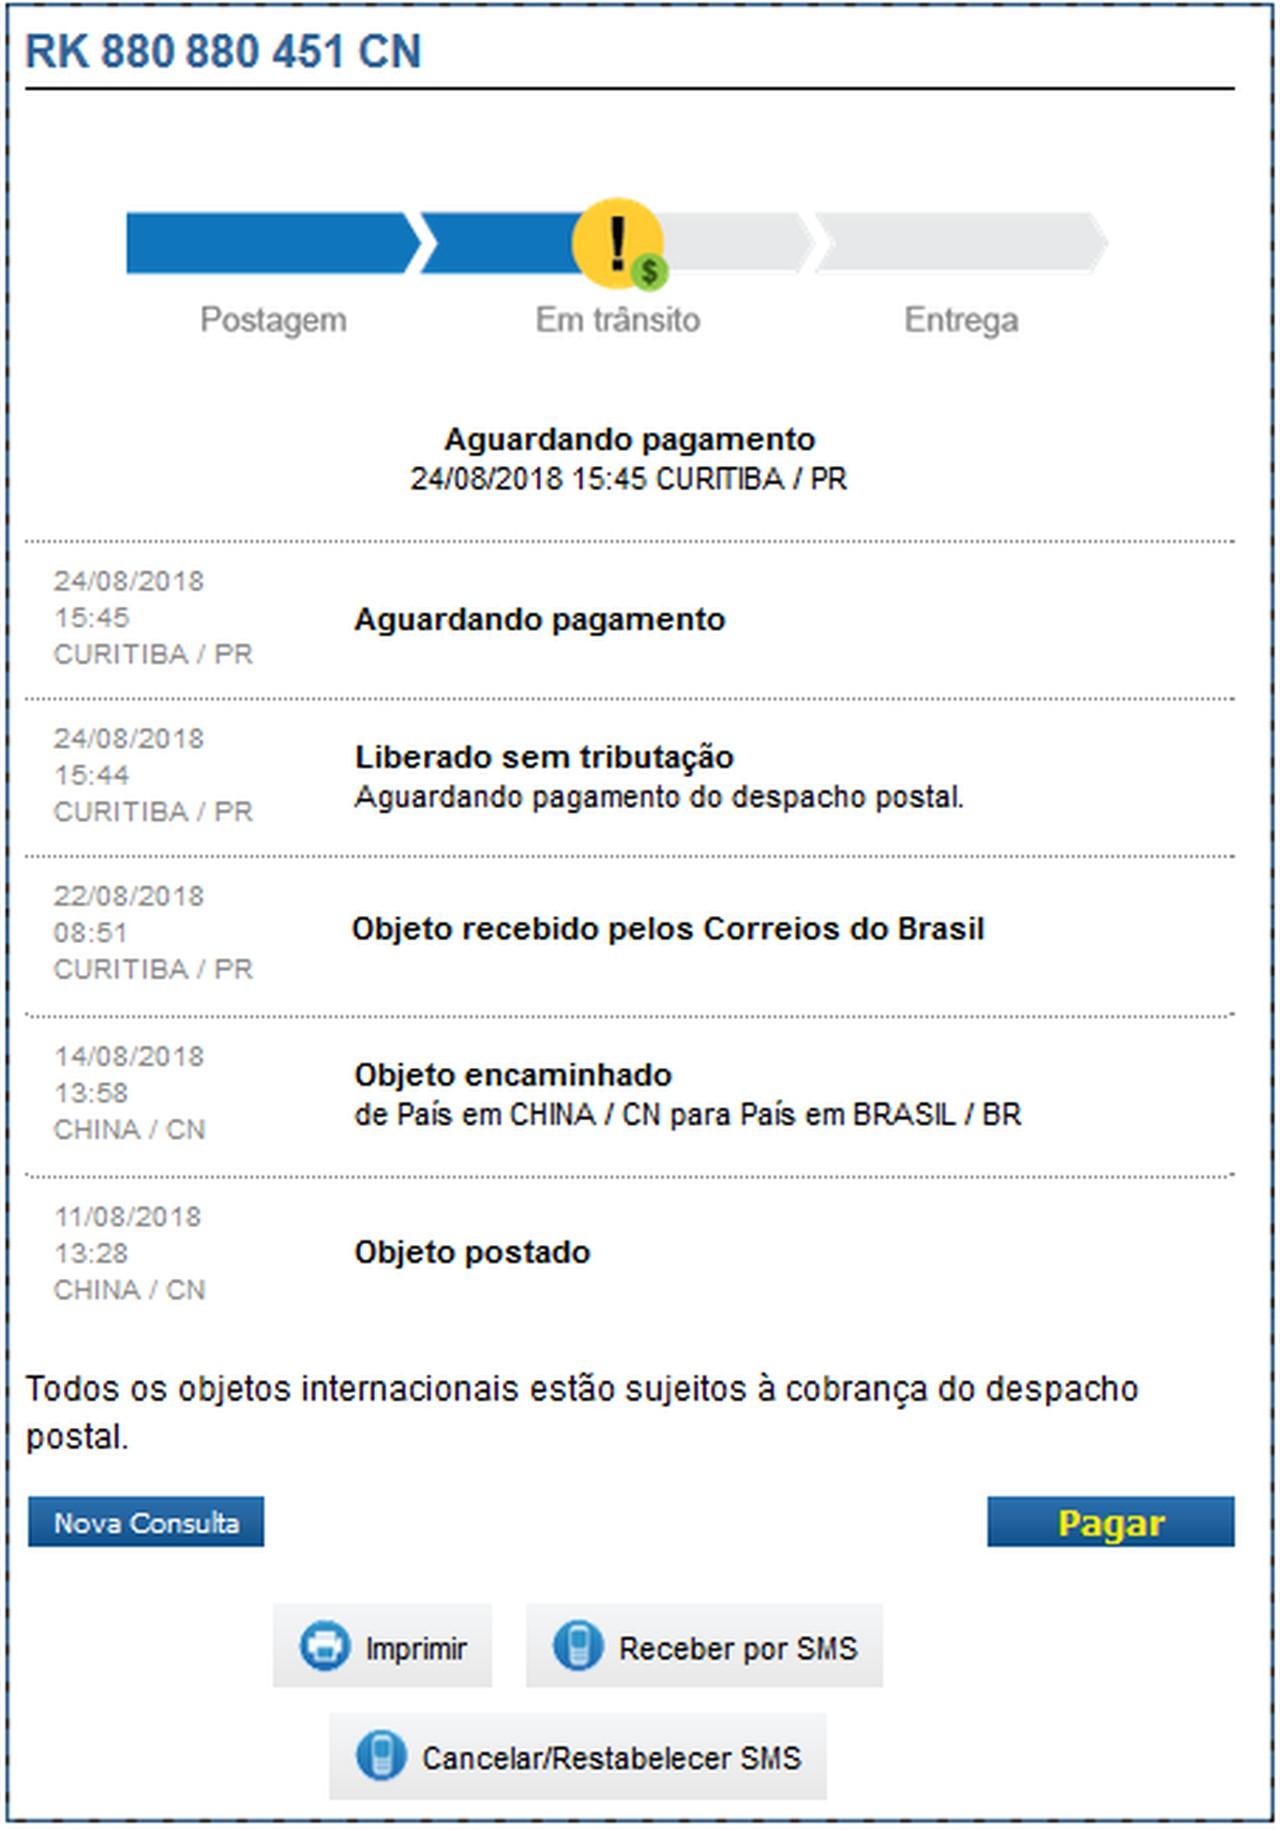 correios.png